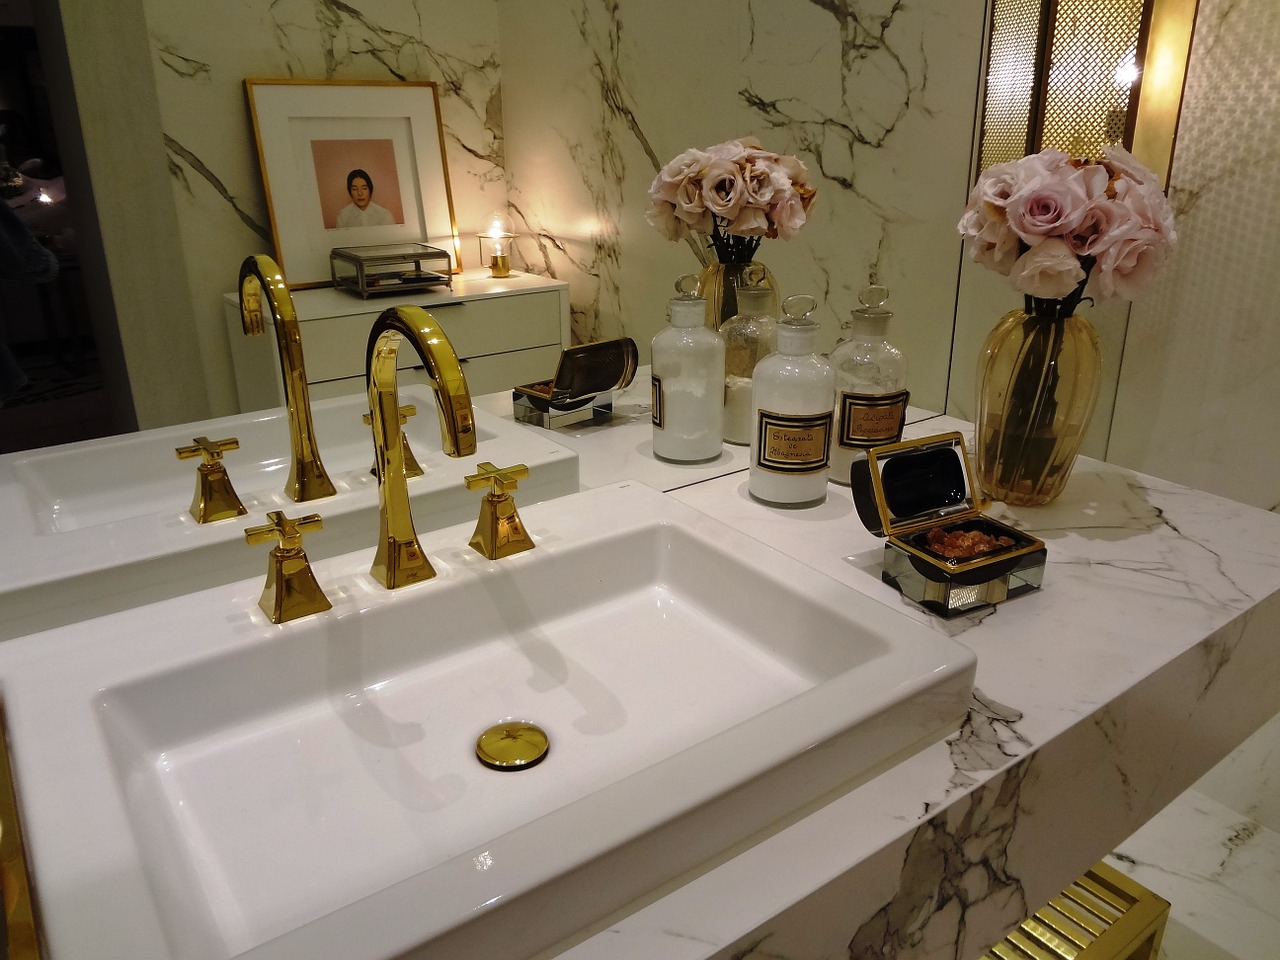 Rénovation de salle de bain complète  à Aime